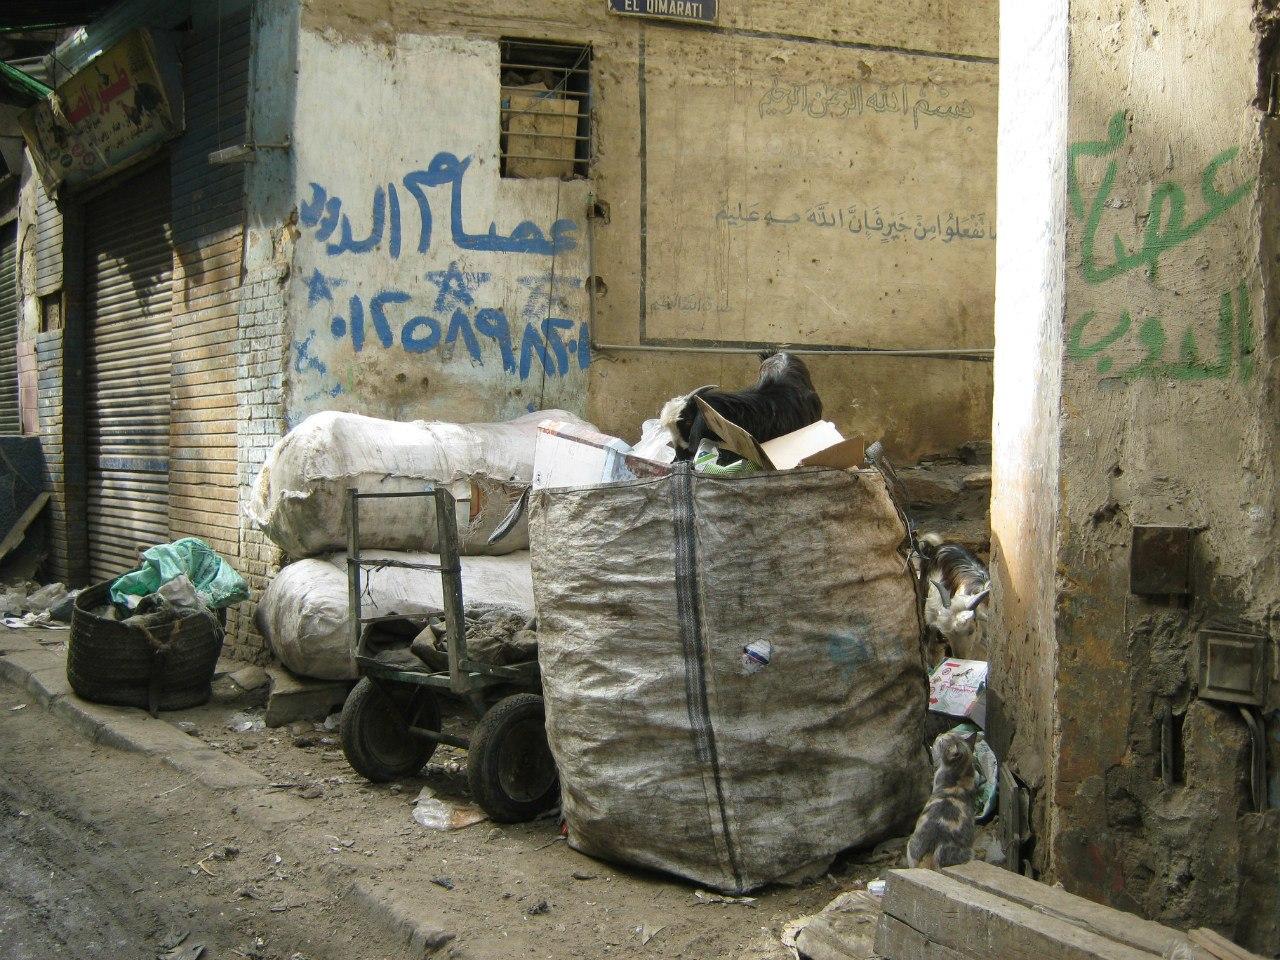 мусор в Каире